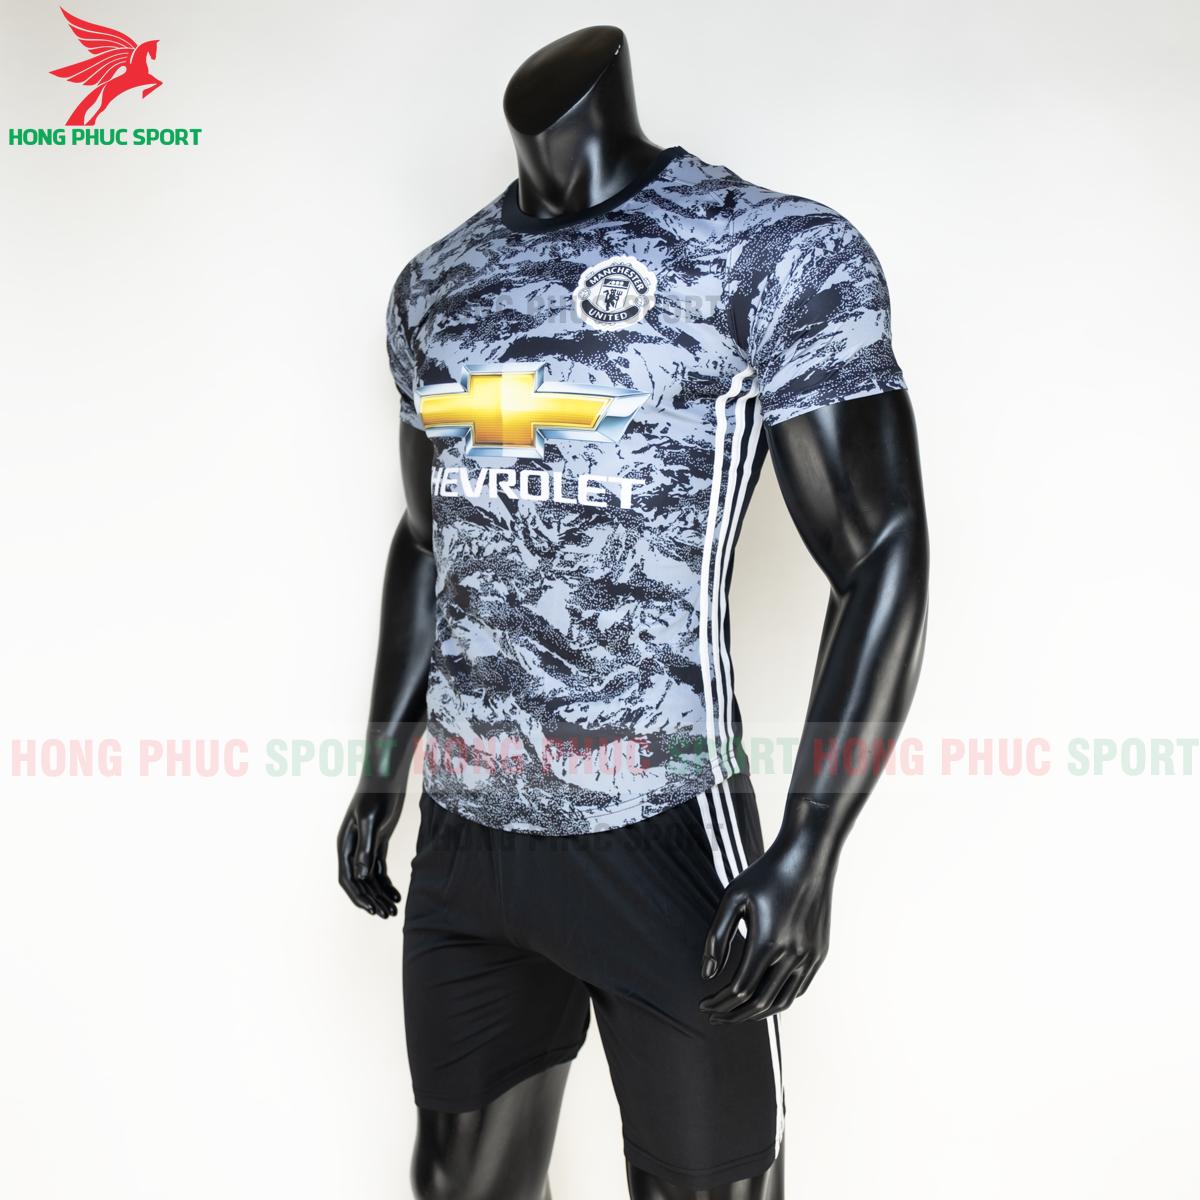 https://cdn.hongphucsport.com/unsafe/s4.shopbay.vn/files/285/ao-da-bong-manchester-united-2020-2021-phien-ban-fan-4-5fe1b75d55343.png